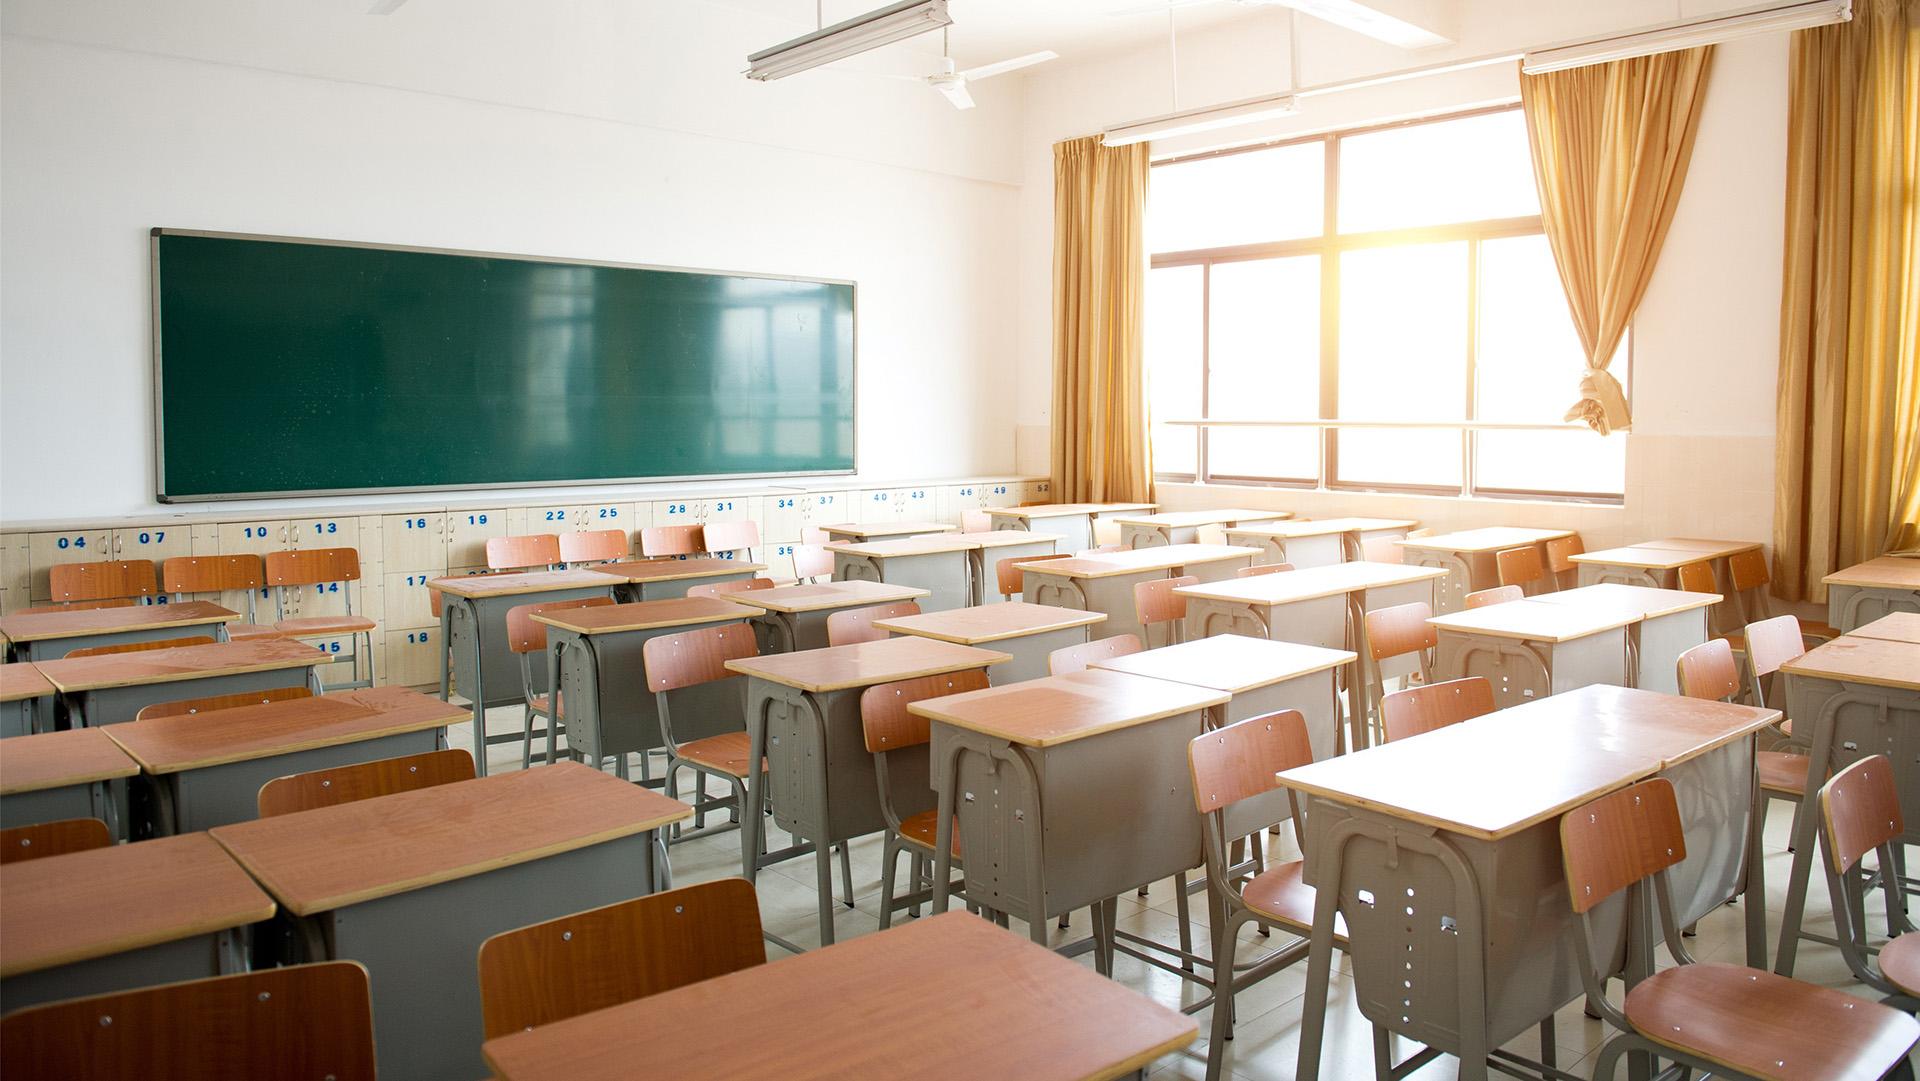 澳门中小学、幼儿教育和特殊教育学校将于9月初陆续开学